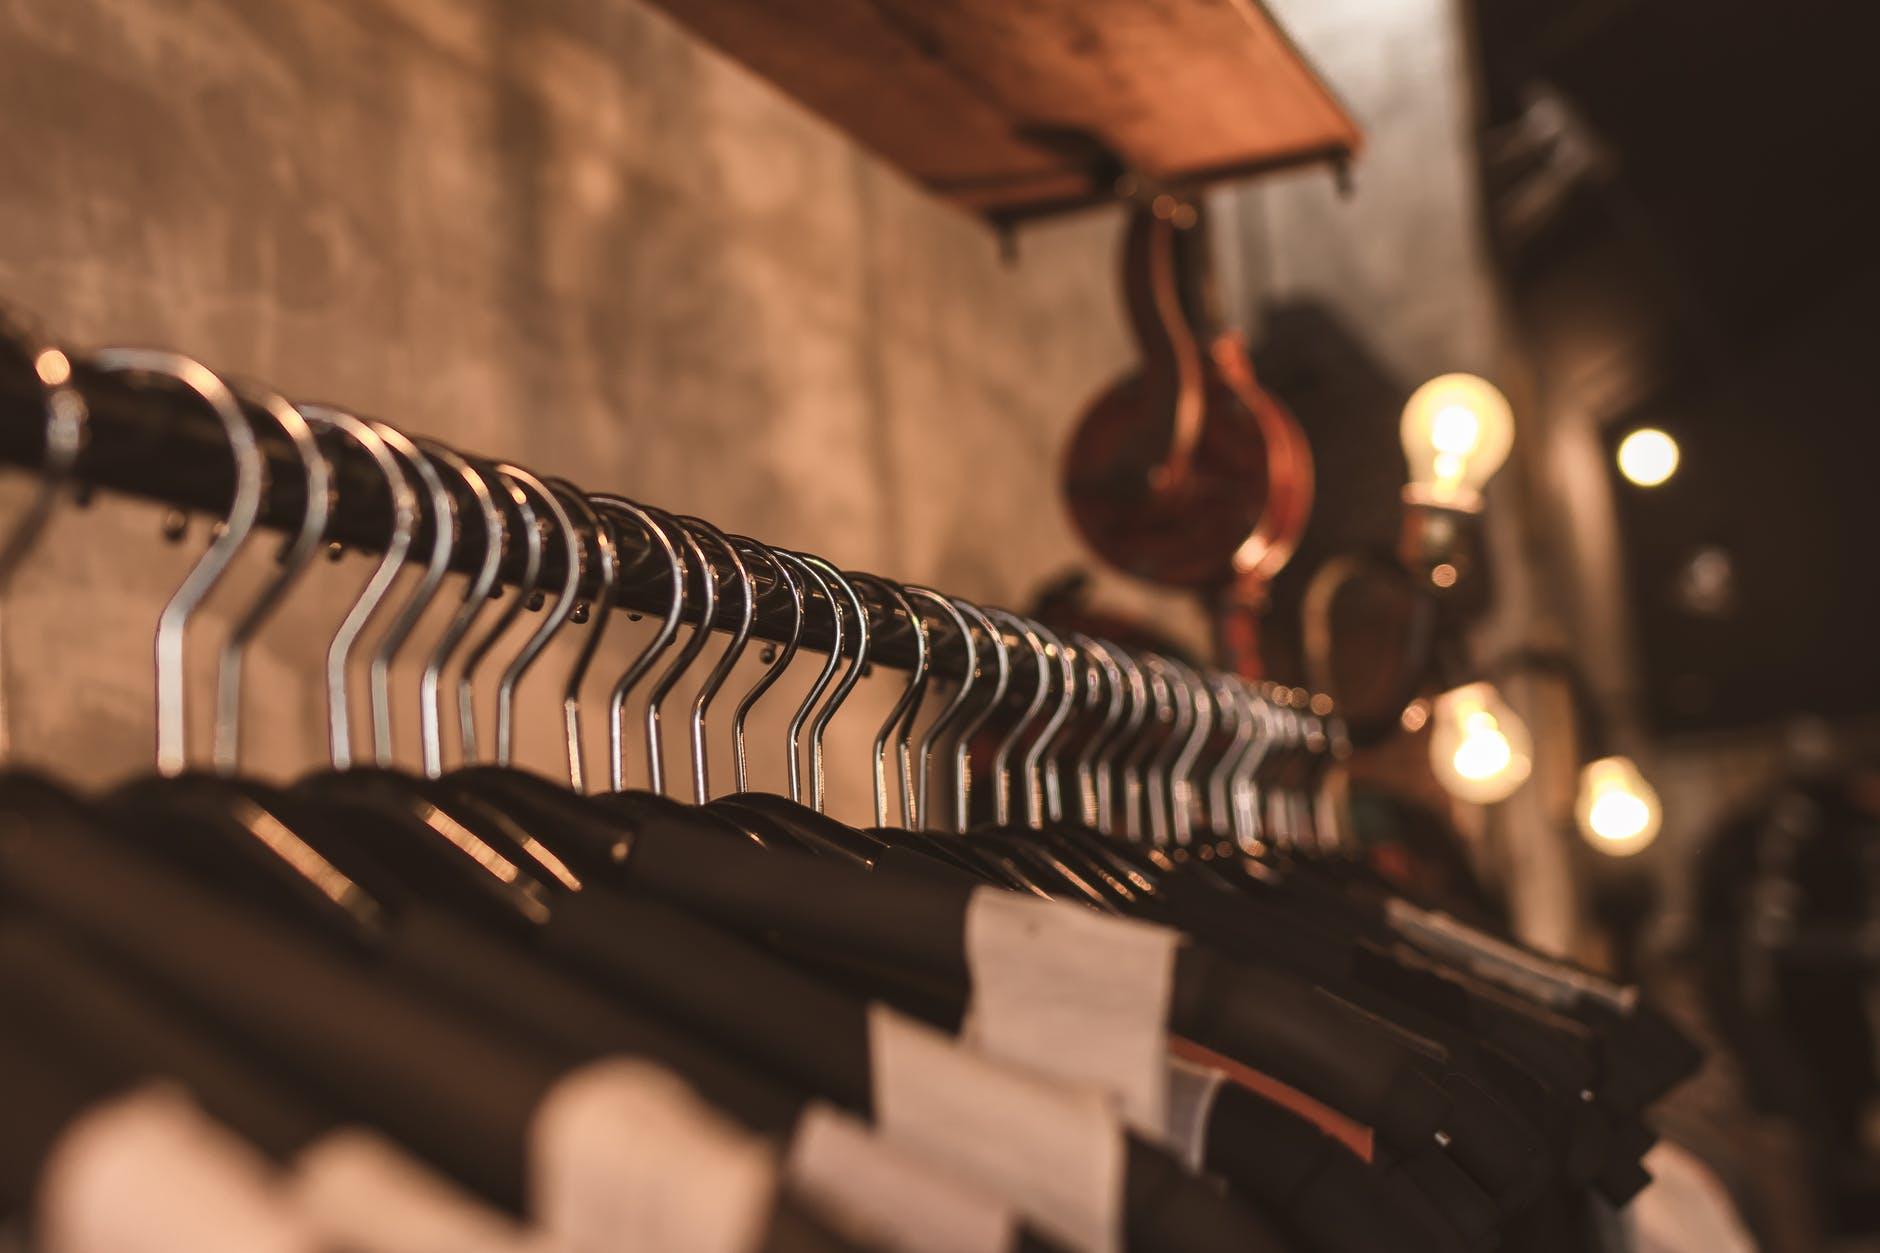 Abiti-in-un-negozio-di-vestiti